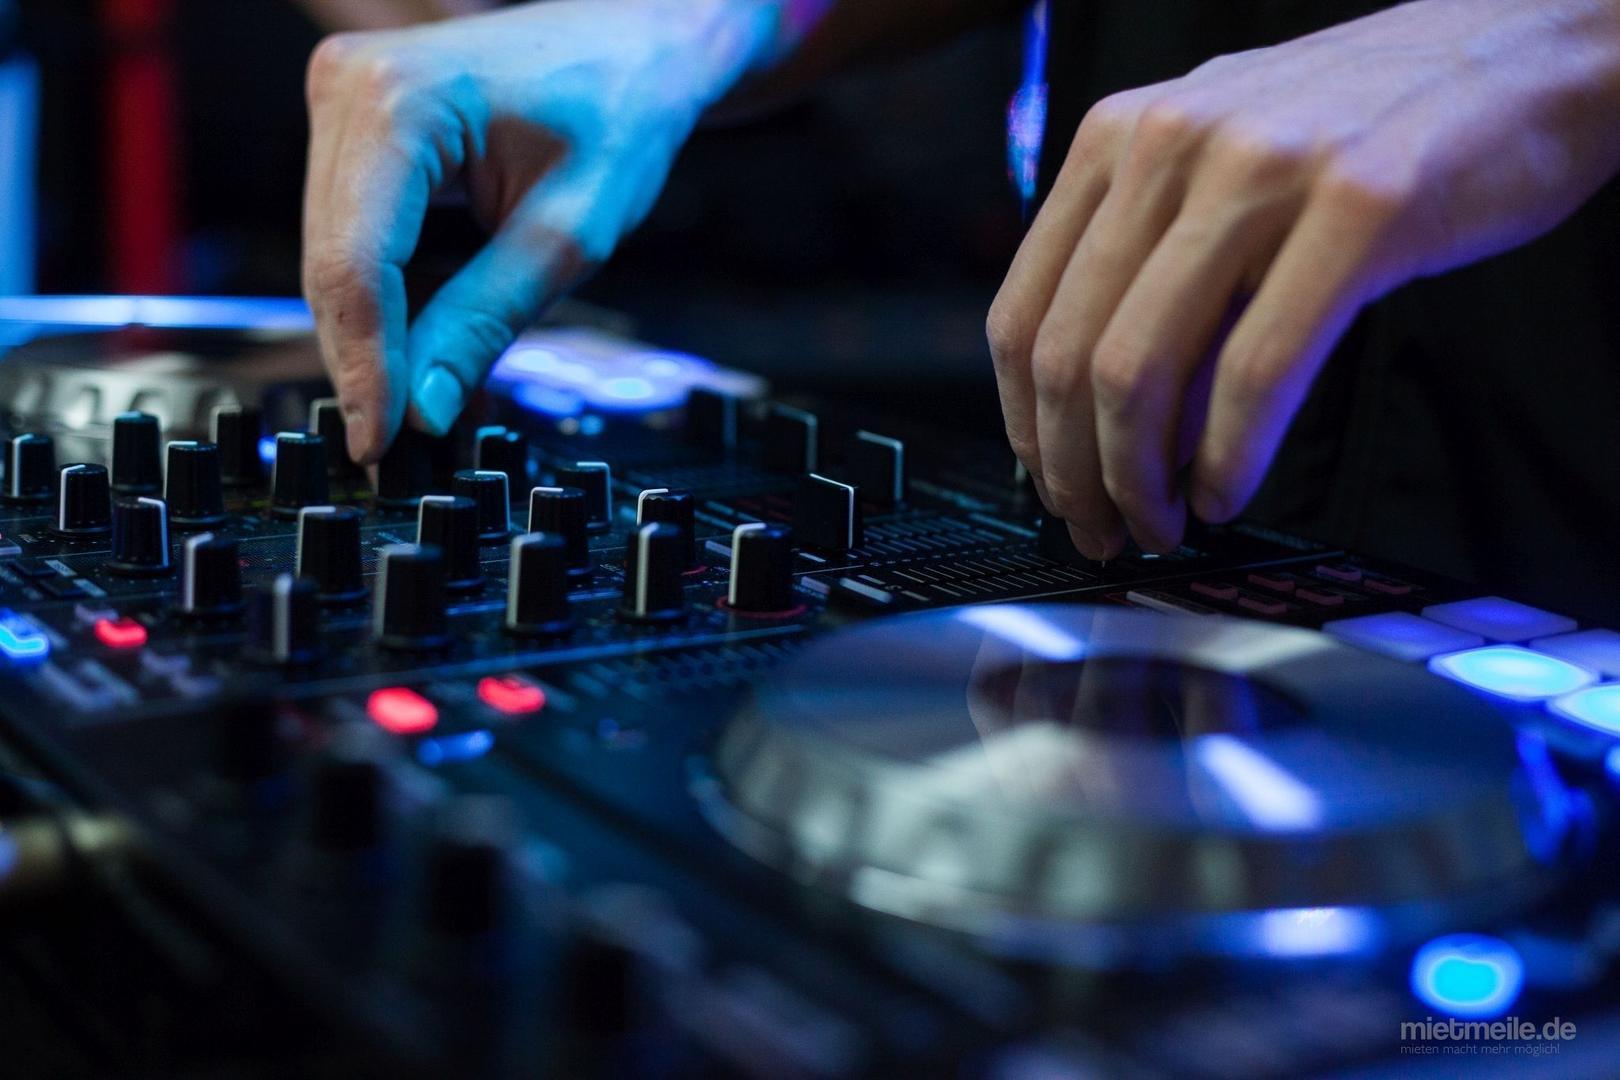 DJ mieten & vermieten - DJ, DJ Komplettpakete, Licht + Ton + DJ, Hochzeit, Geburtstag, Firmenevent und mehr in Leimen